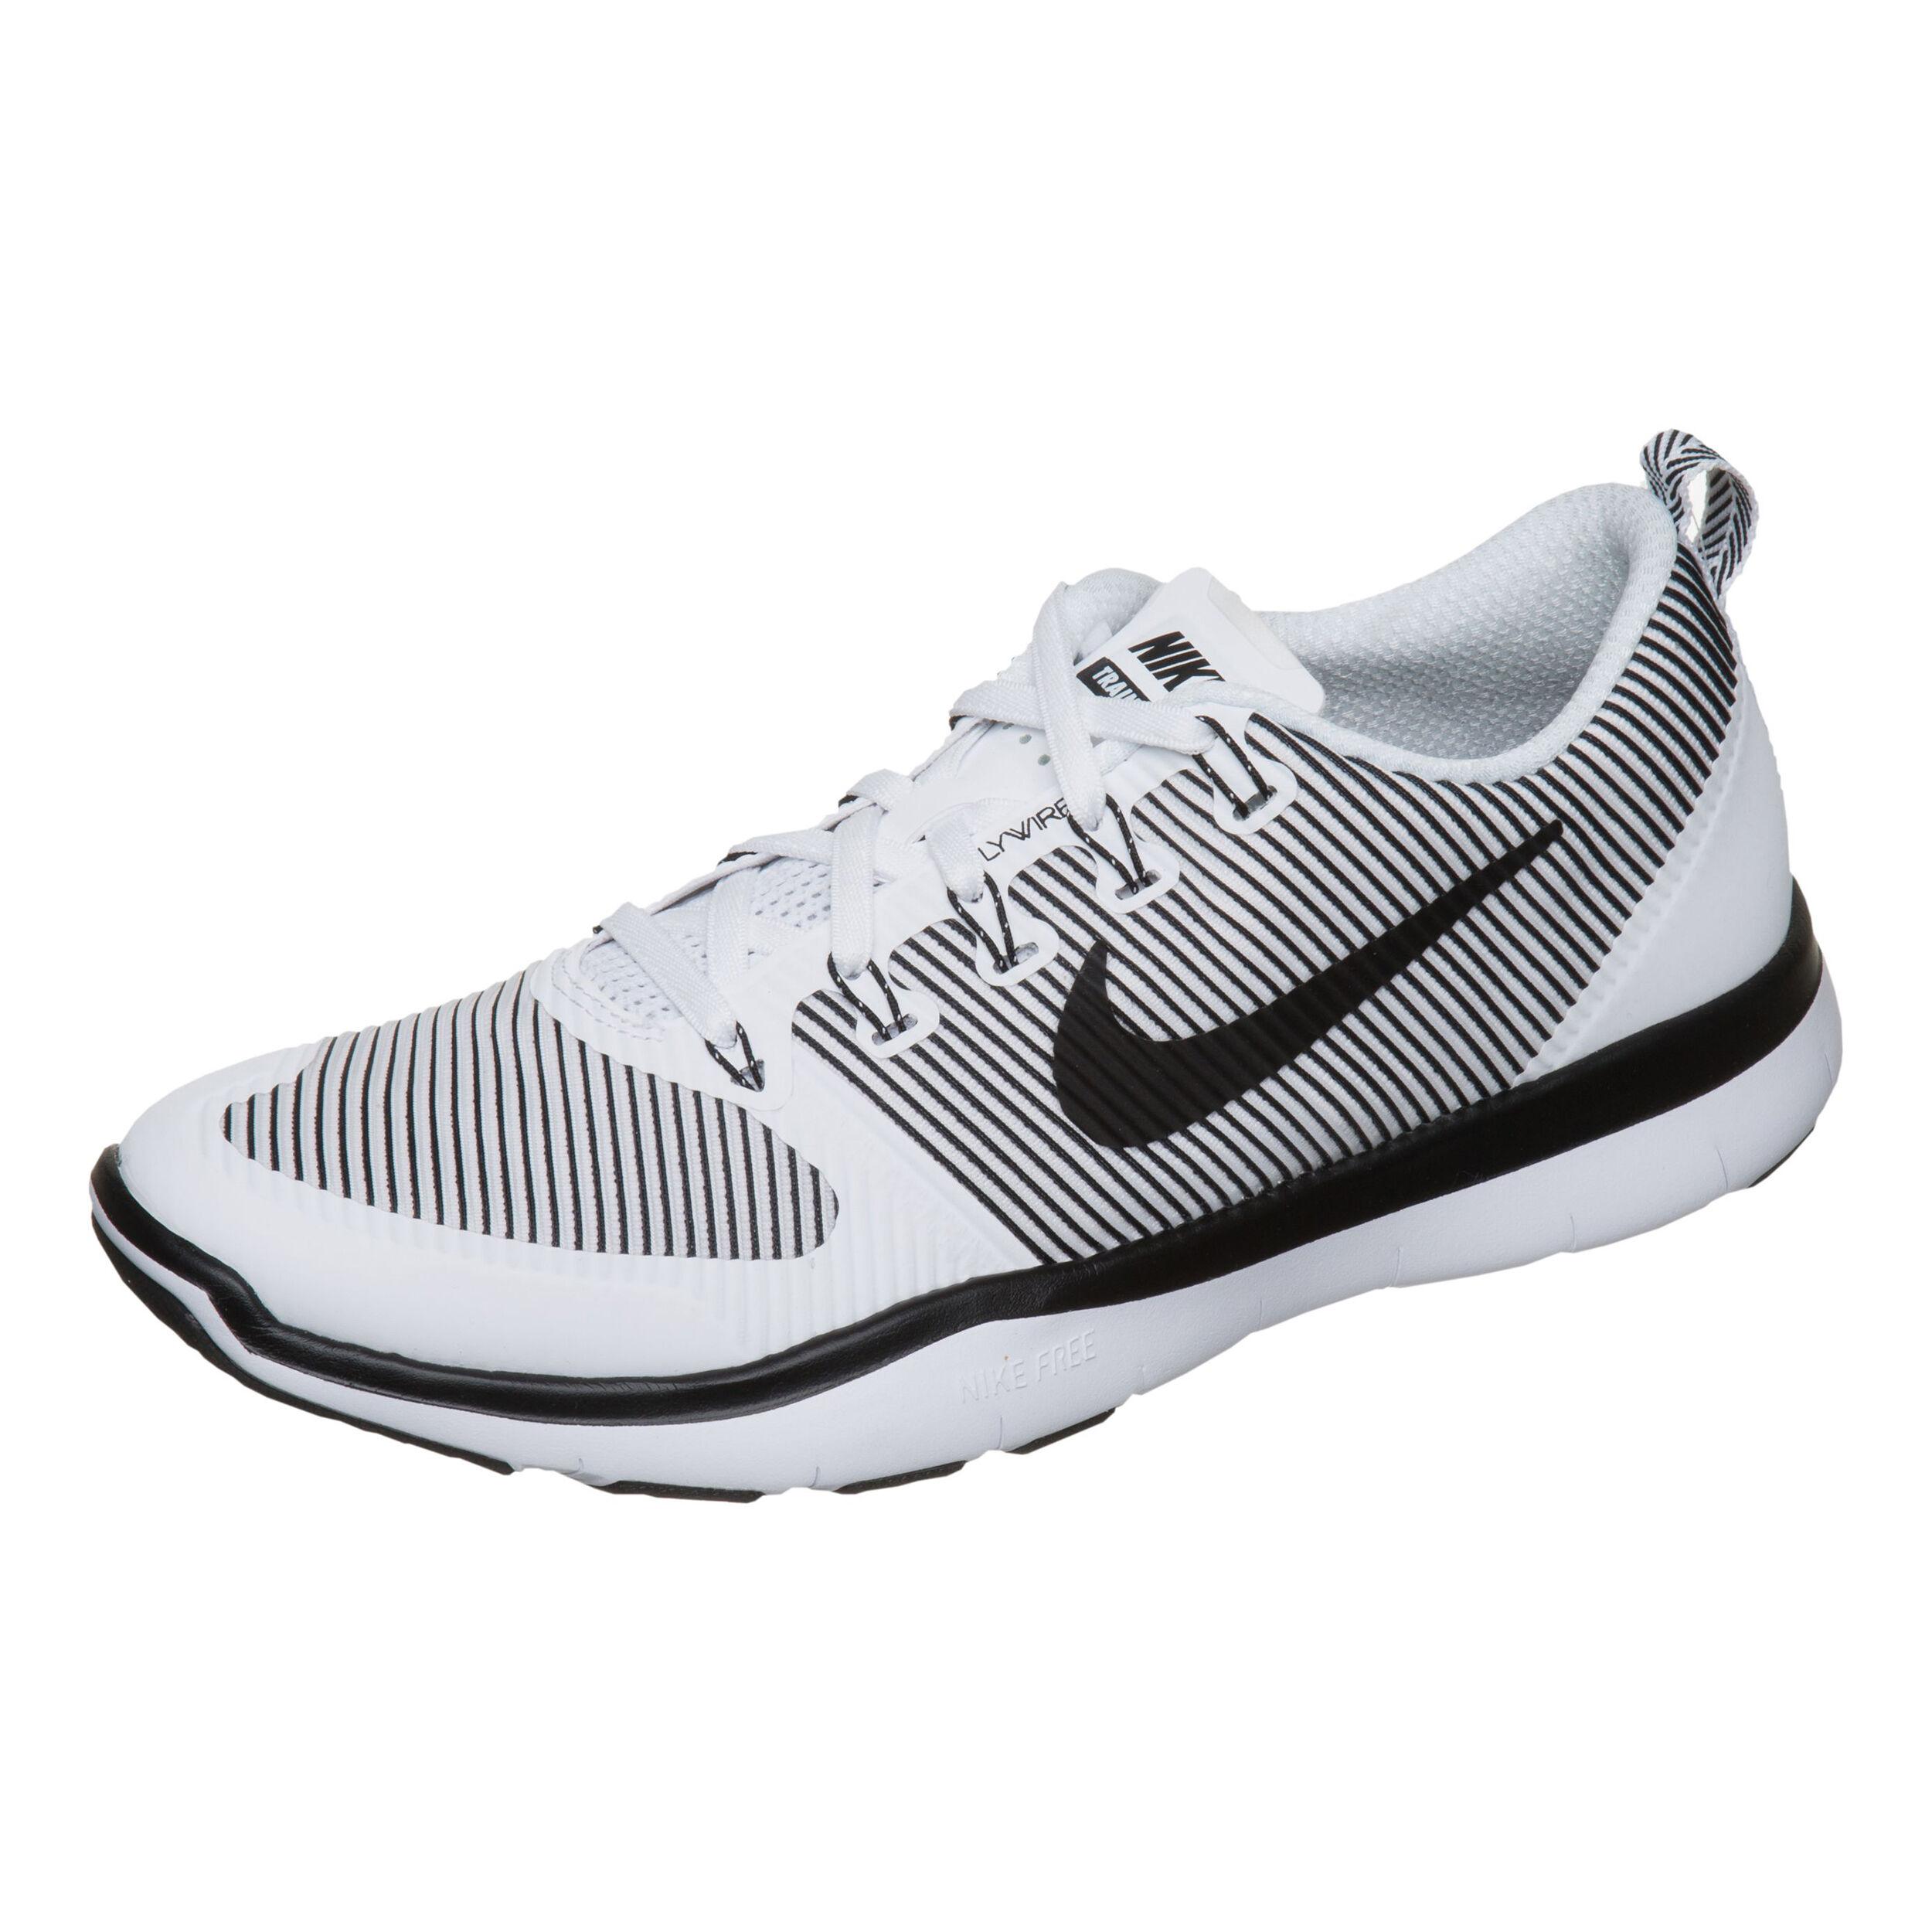 Nike Free Train Versatility WeißSchwarz Herren | 61093657